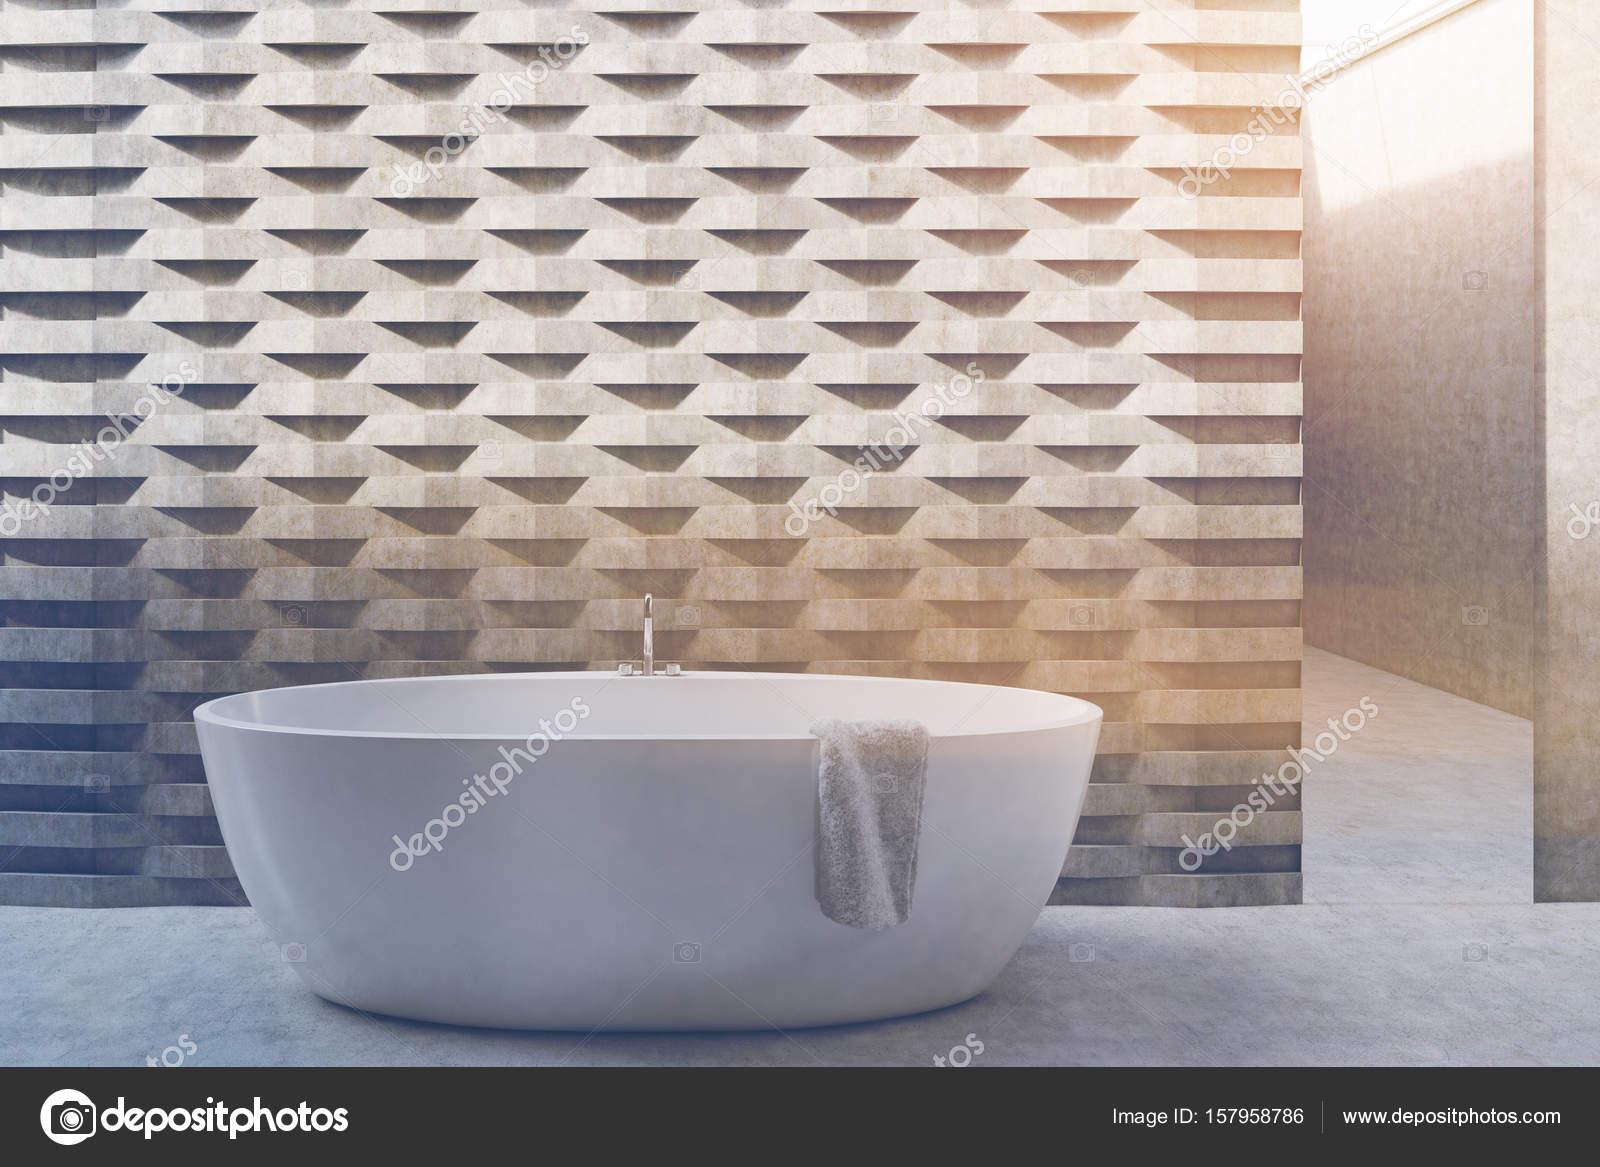 Vasca Da Bagno Rotonda : Vasca da bagno rotonda mattoni modello muro tonica u2014 foto stock